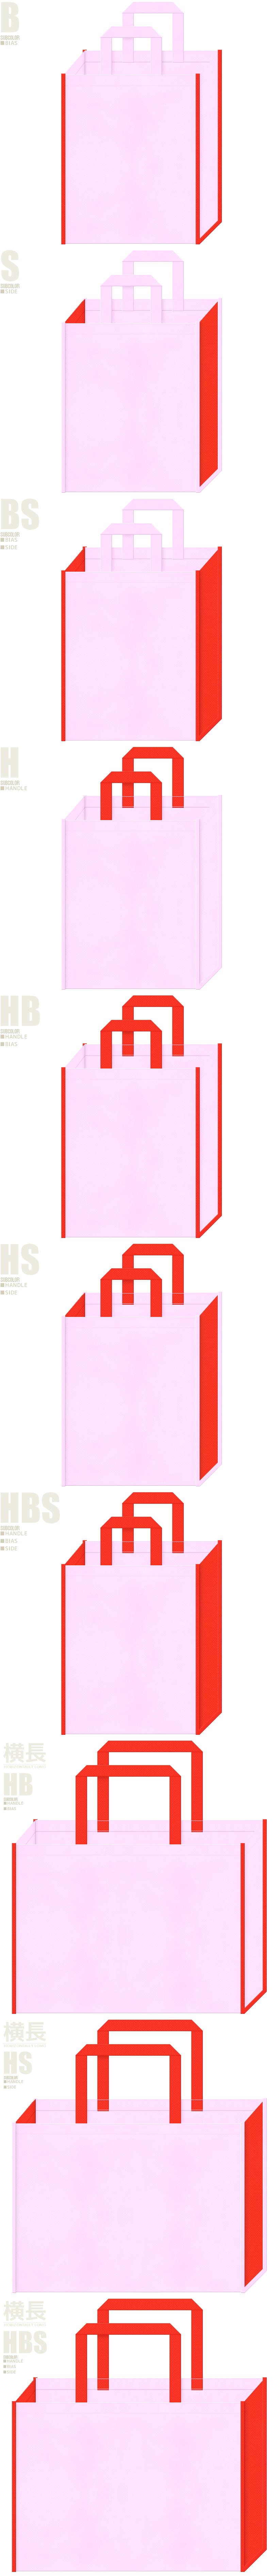 不織布バッグのデザイン:明るいピンク色とオレンジ色の配色7パターン。